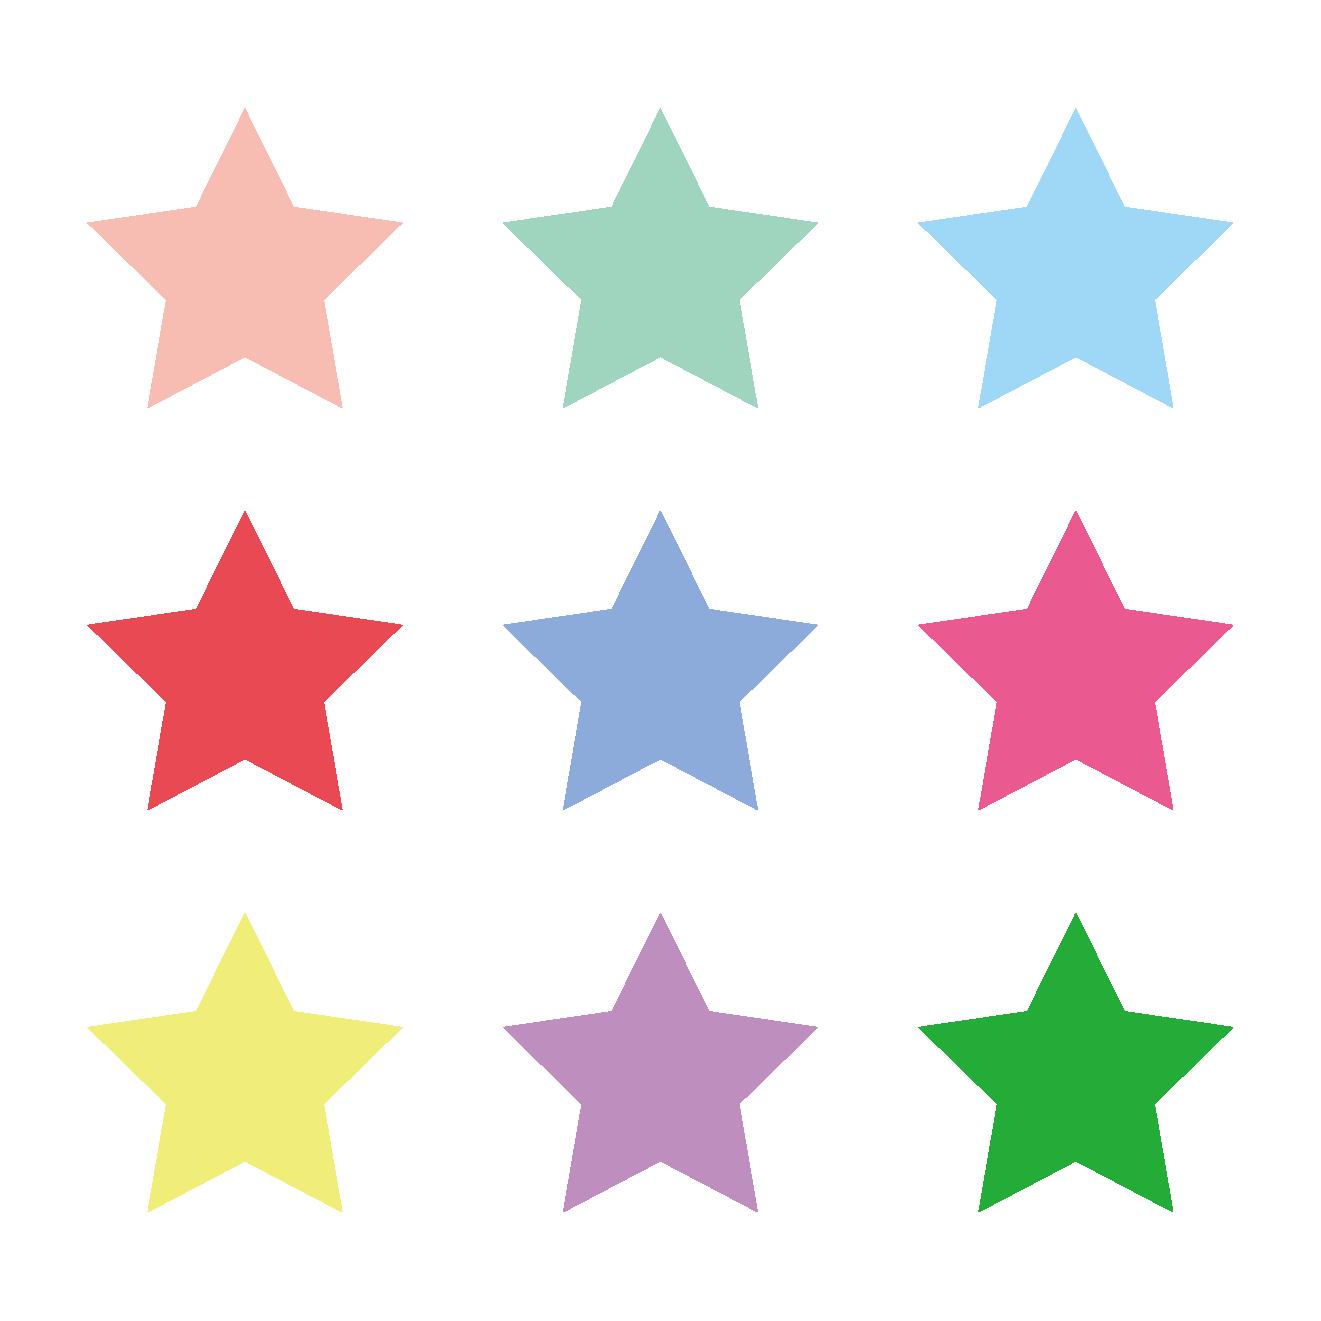 星(ほし)マークのイラスト!キラキラスターホシ【デザイン素材